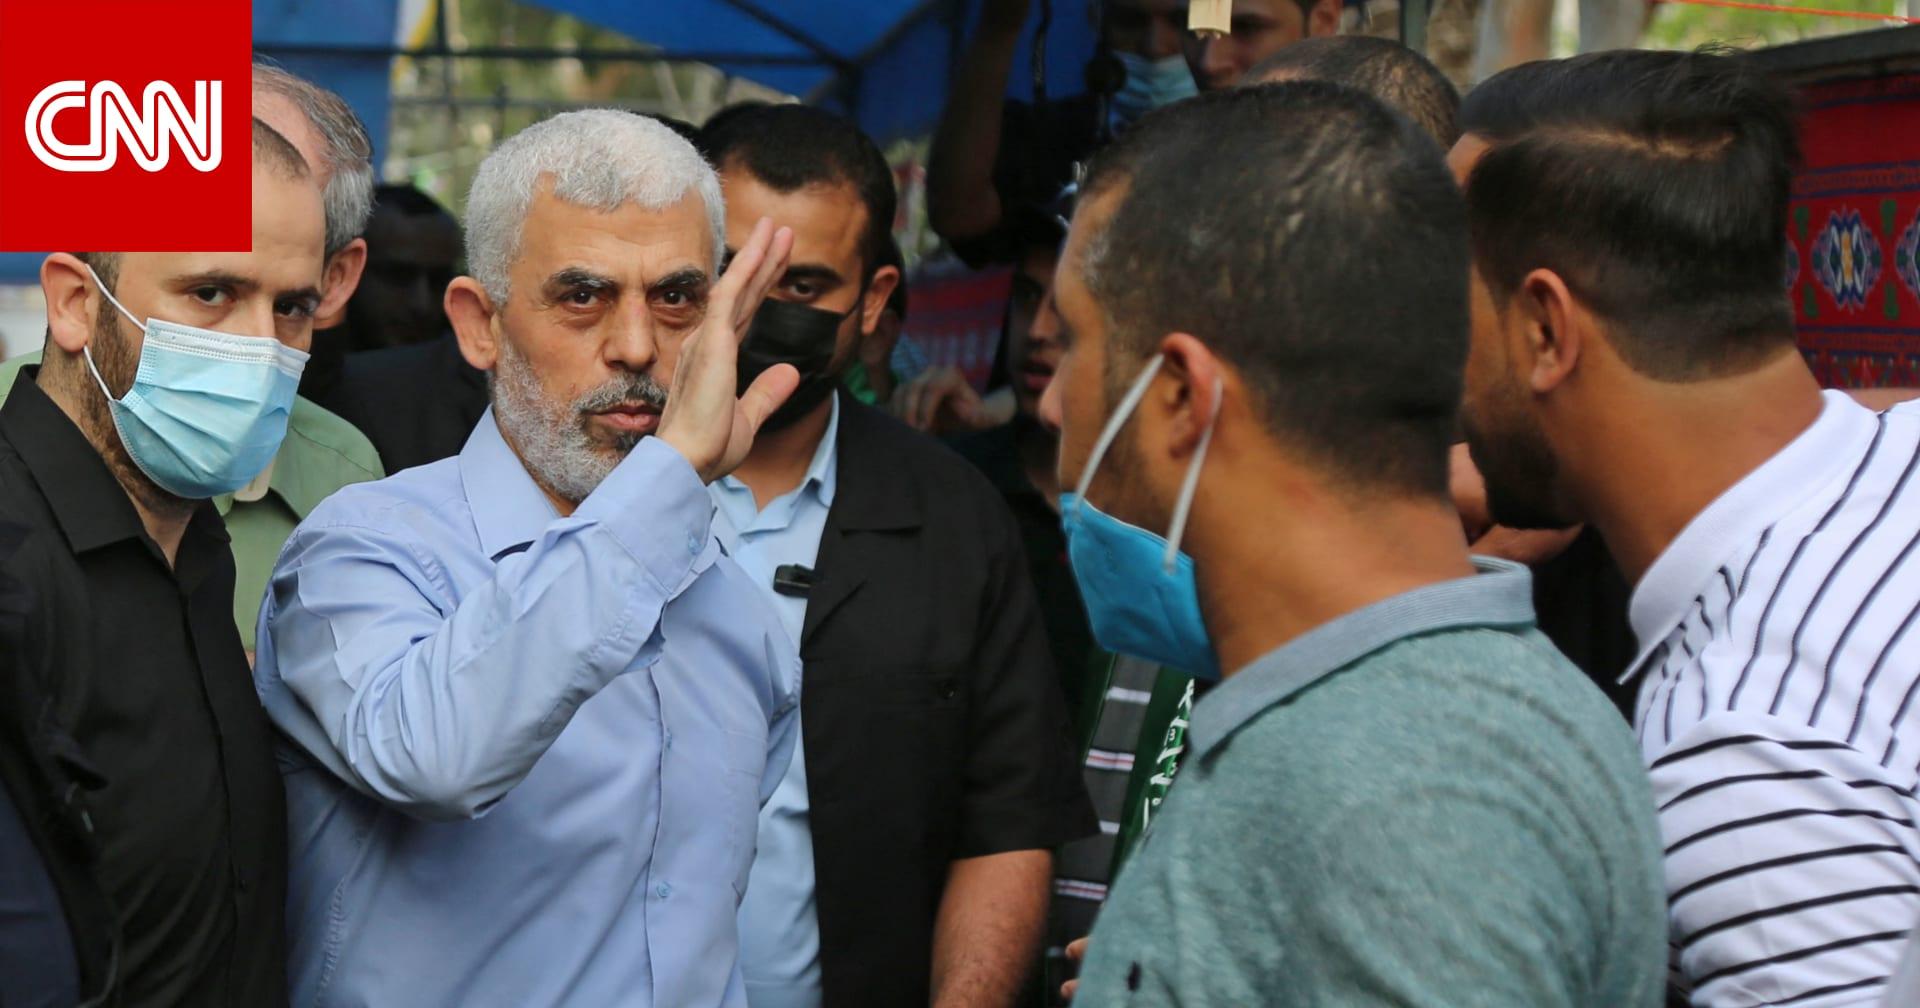 """ظهور علني ليحيى السنوار في قطاع غزة.. وتداول صورة منسوبة لـ""""أبو عبيدة"""" بدون قناع"""